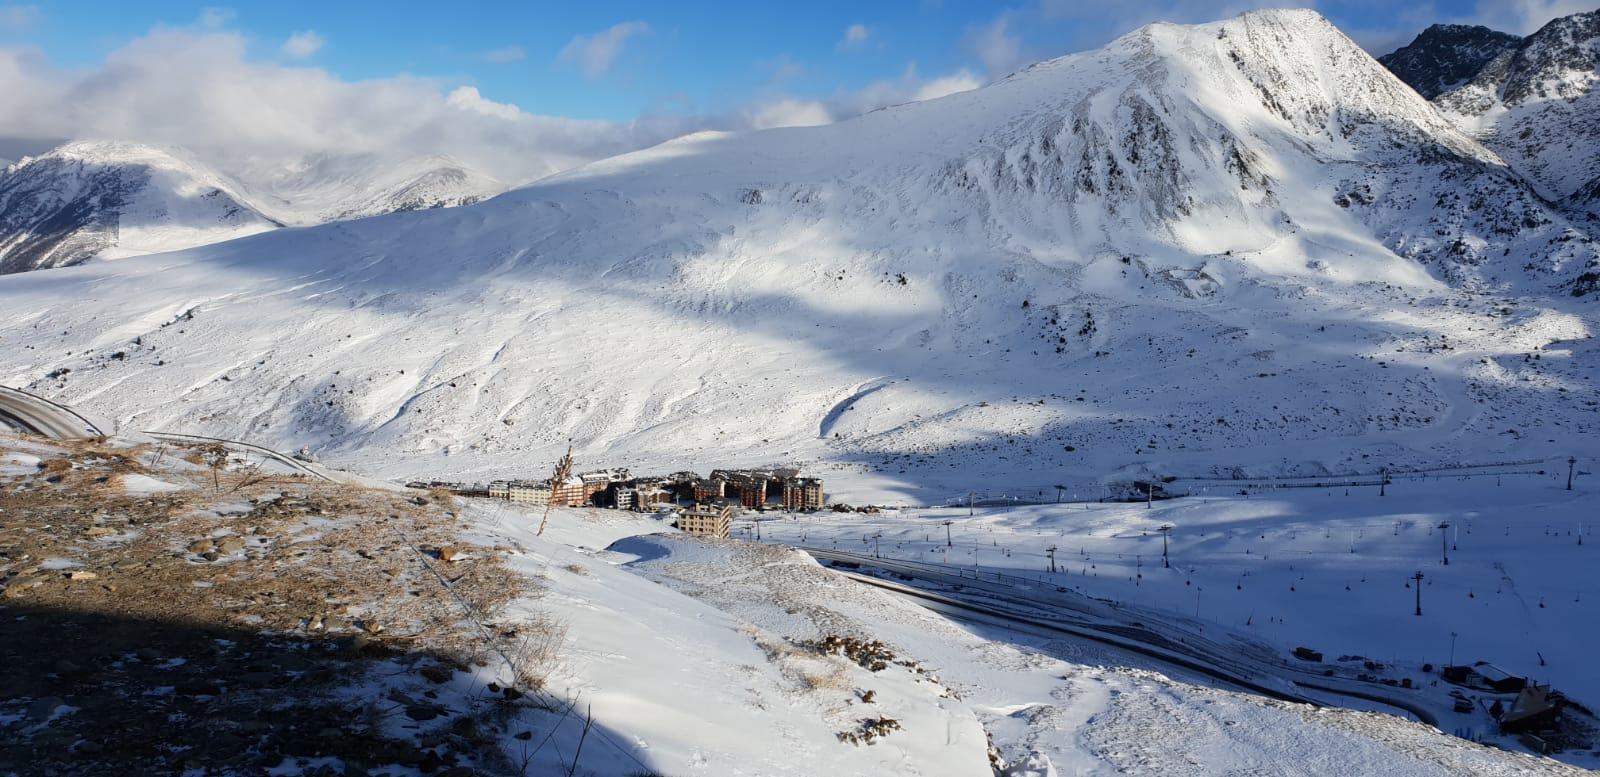 """Grandvalira culmina 3 anys de feina per fer realitat l'esdeveniment més gran de la seva història Els dos traçats on es disputaran les diferents proves estan pràcticament a punt per a la gran cita que tindrà lloc de l'11 al 17 de març Marcel Hirscher i Mikaela Shiffrin encapçalen la classificació de la competició, actualment aturada per la celebració dels Campionats del món a Suècia Andorra la Vella, 8 de febrer del 2019. Des que l'octubre del 2015 la Federació Internacional d'Esquí (FIS) va escollir els sectors de Soldeu El Tarter de Grandvalira per a la celebració de les Finals de la Copa del Món d'esquí alpí del 2019, l'estació ha treballat incansablement per fer realitat l'esdeveniment esportiu més gran de la història d'Andorra. La gran cita serà de l'11 al 17 de març, quan el país rebrà els millors esquiadors i esquiadores del món, que lluitaran pel títol a les pistes Àliga d'El Tarter, on es disputaran les proves de velocitat, i Avet (Soldeu), escenari de les disciplines tècniques. Durant aquest temps, i més intensament a partir de la celebració de les finals de la Copa d'Europa de l'any passat, s'ha treballat per tal que l'estació disposi de la darrera tecnologia i totes les eines per tal de convertir l'Àliga i l'Avet en pistes de Copa del Món de referència a Europa. Un dels projectes ambiciosos que ho poden garantir és la plataforma esquiable de Soldeu, que ha permès ampliar l'arribada de la pista Avet, disposar de més espai per a les graderies, els equips i els patrocinadors, i millorar la logística de la retransmissió televisiva. El director general del Comitè Organitzador, Conrad Blanch, ha explicat durant la presentació d'aquest divendres que l'estació """"està preparada per oferir al món la seva millor cara"""". Després d'enllestir la nova plataforma, els equips tècnics s'han centrat durant les darreres setmanes en posar a punt els dos traçats on es disputaran les diferents proves. Blanch ha explicat que el traçat de la pista Avet està ja a punt, mentre que pe"""